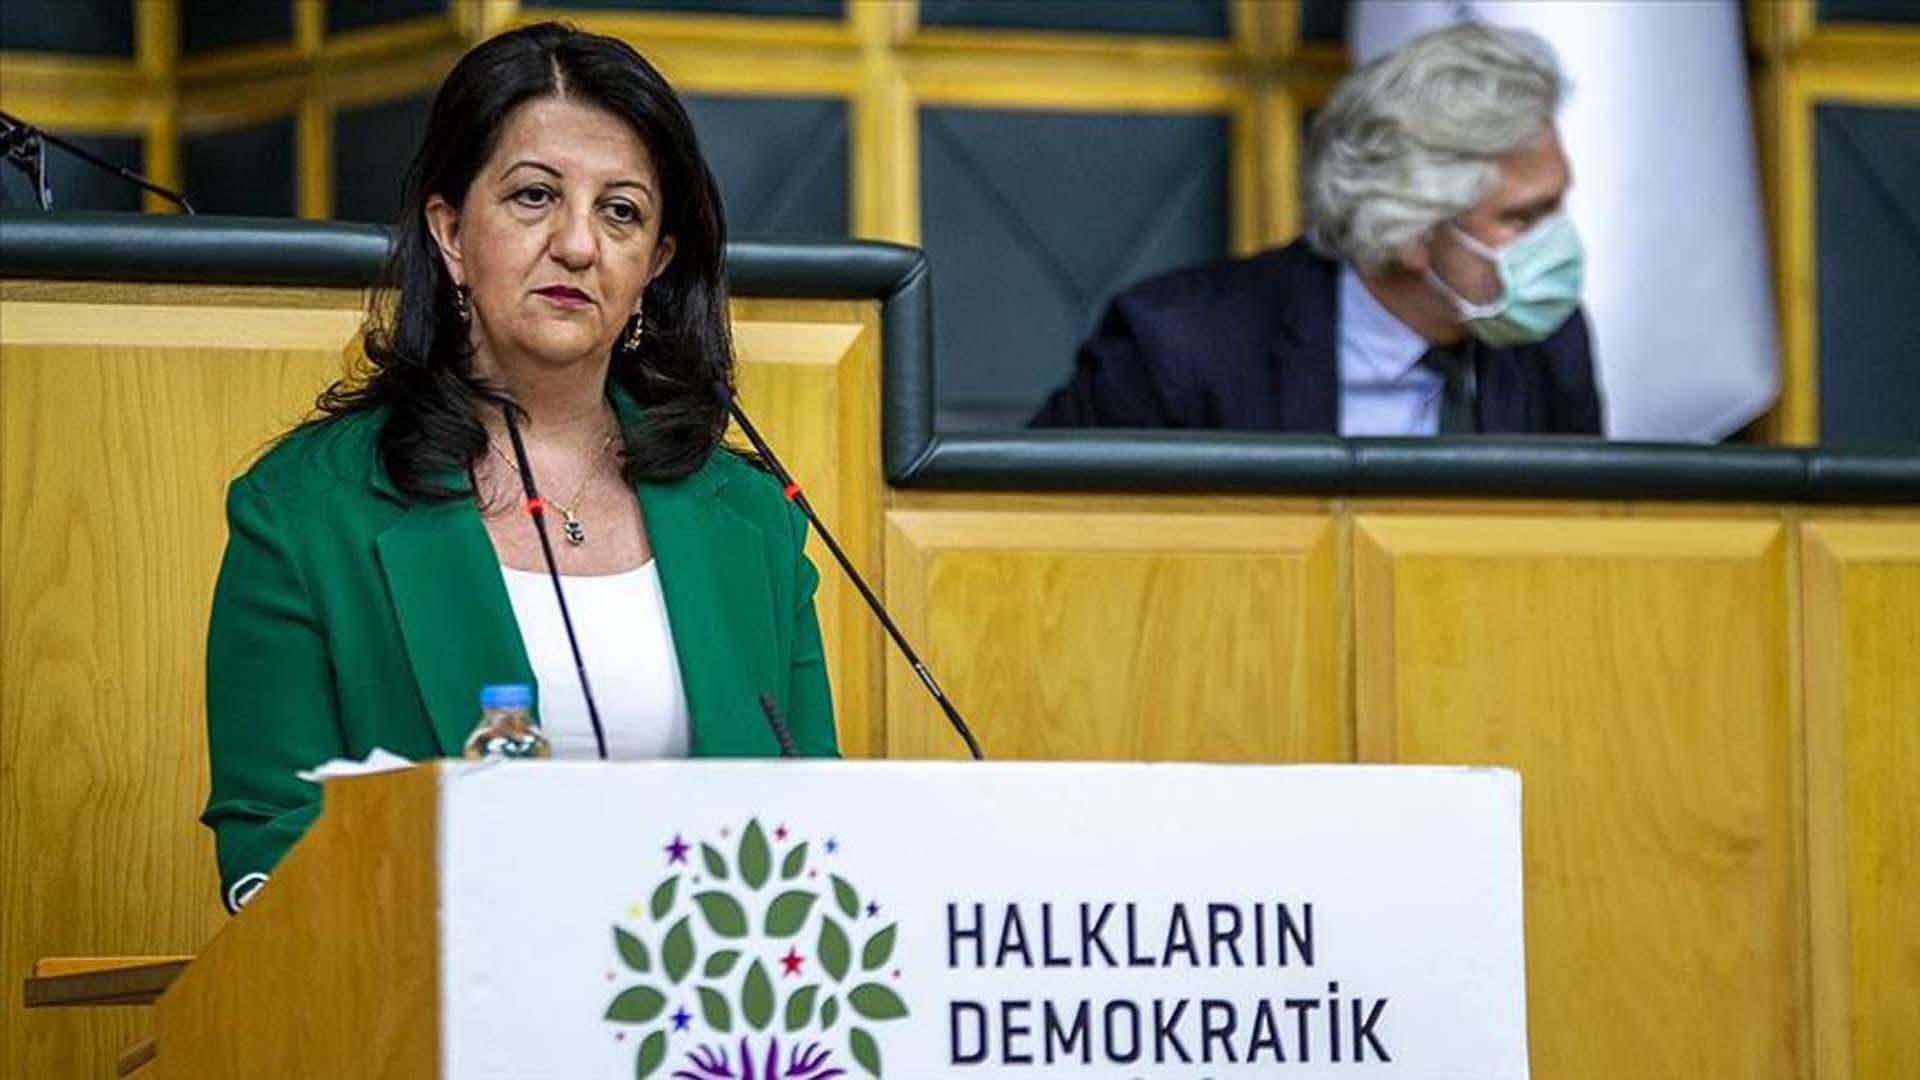 HDP ittifak konusunda tarafını belli etti! Pervin Buldan'dan net açıklama geldi: İttifak arayışımızın olmadığını açıklıkla vurguluyoruz